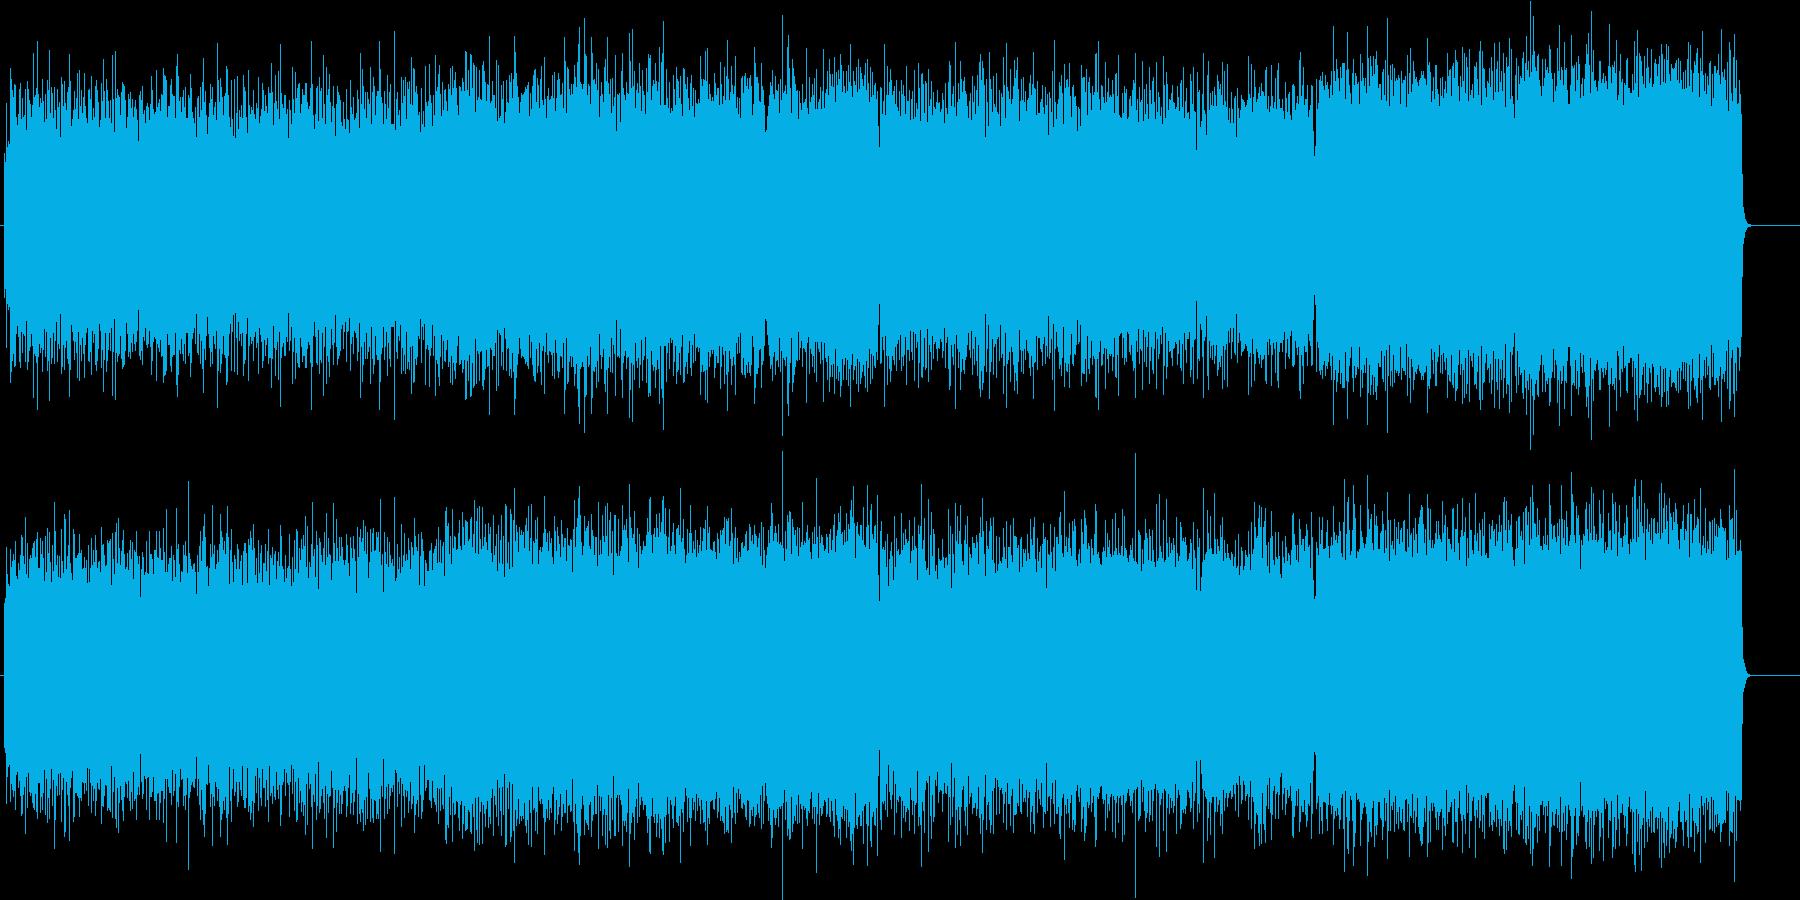 栄光を掴む前向きな歌謡曲風ロック/ポップの再生済みの波形